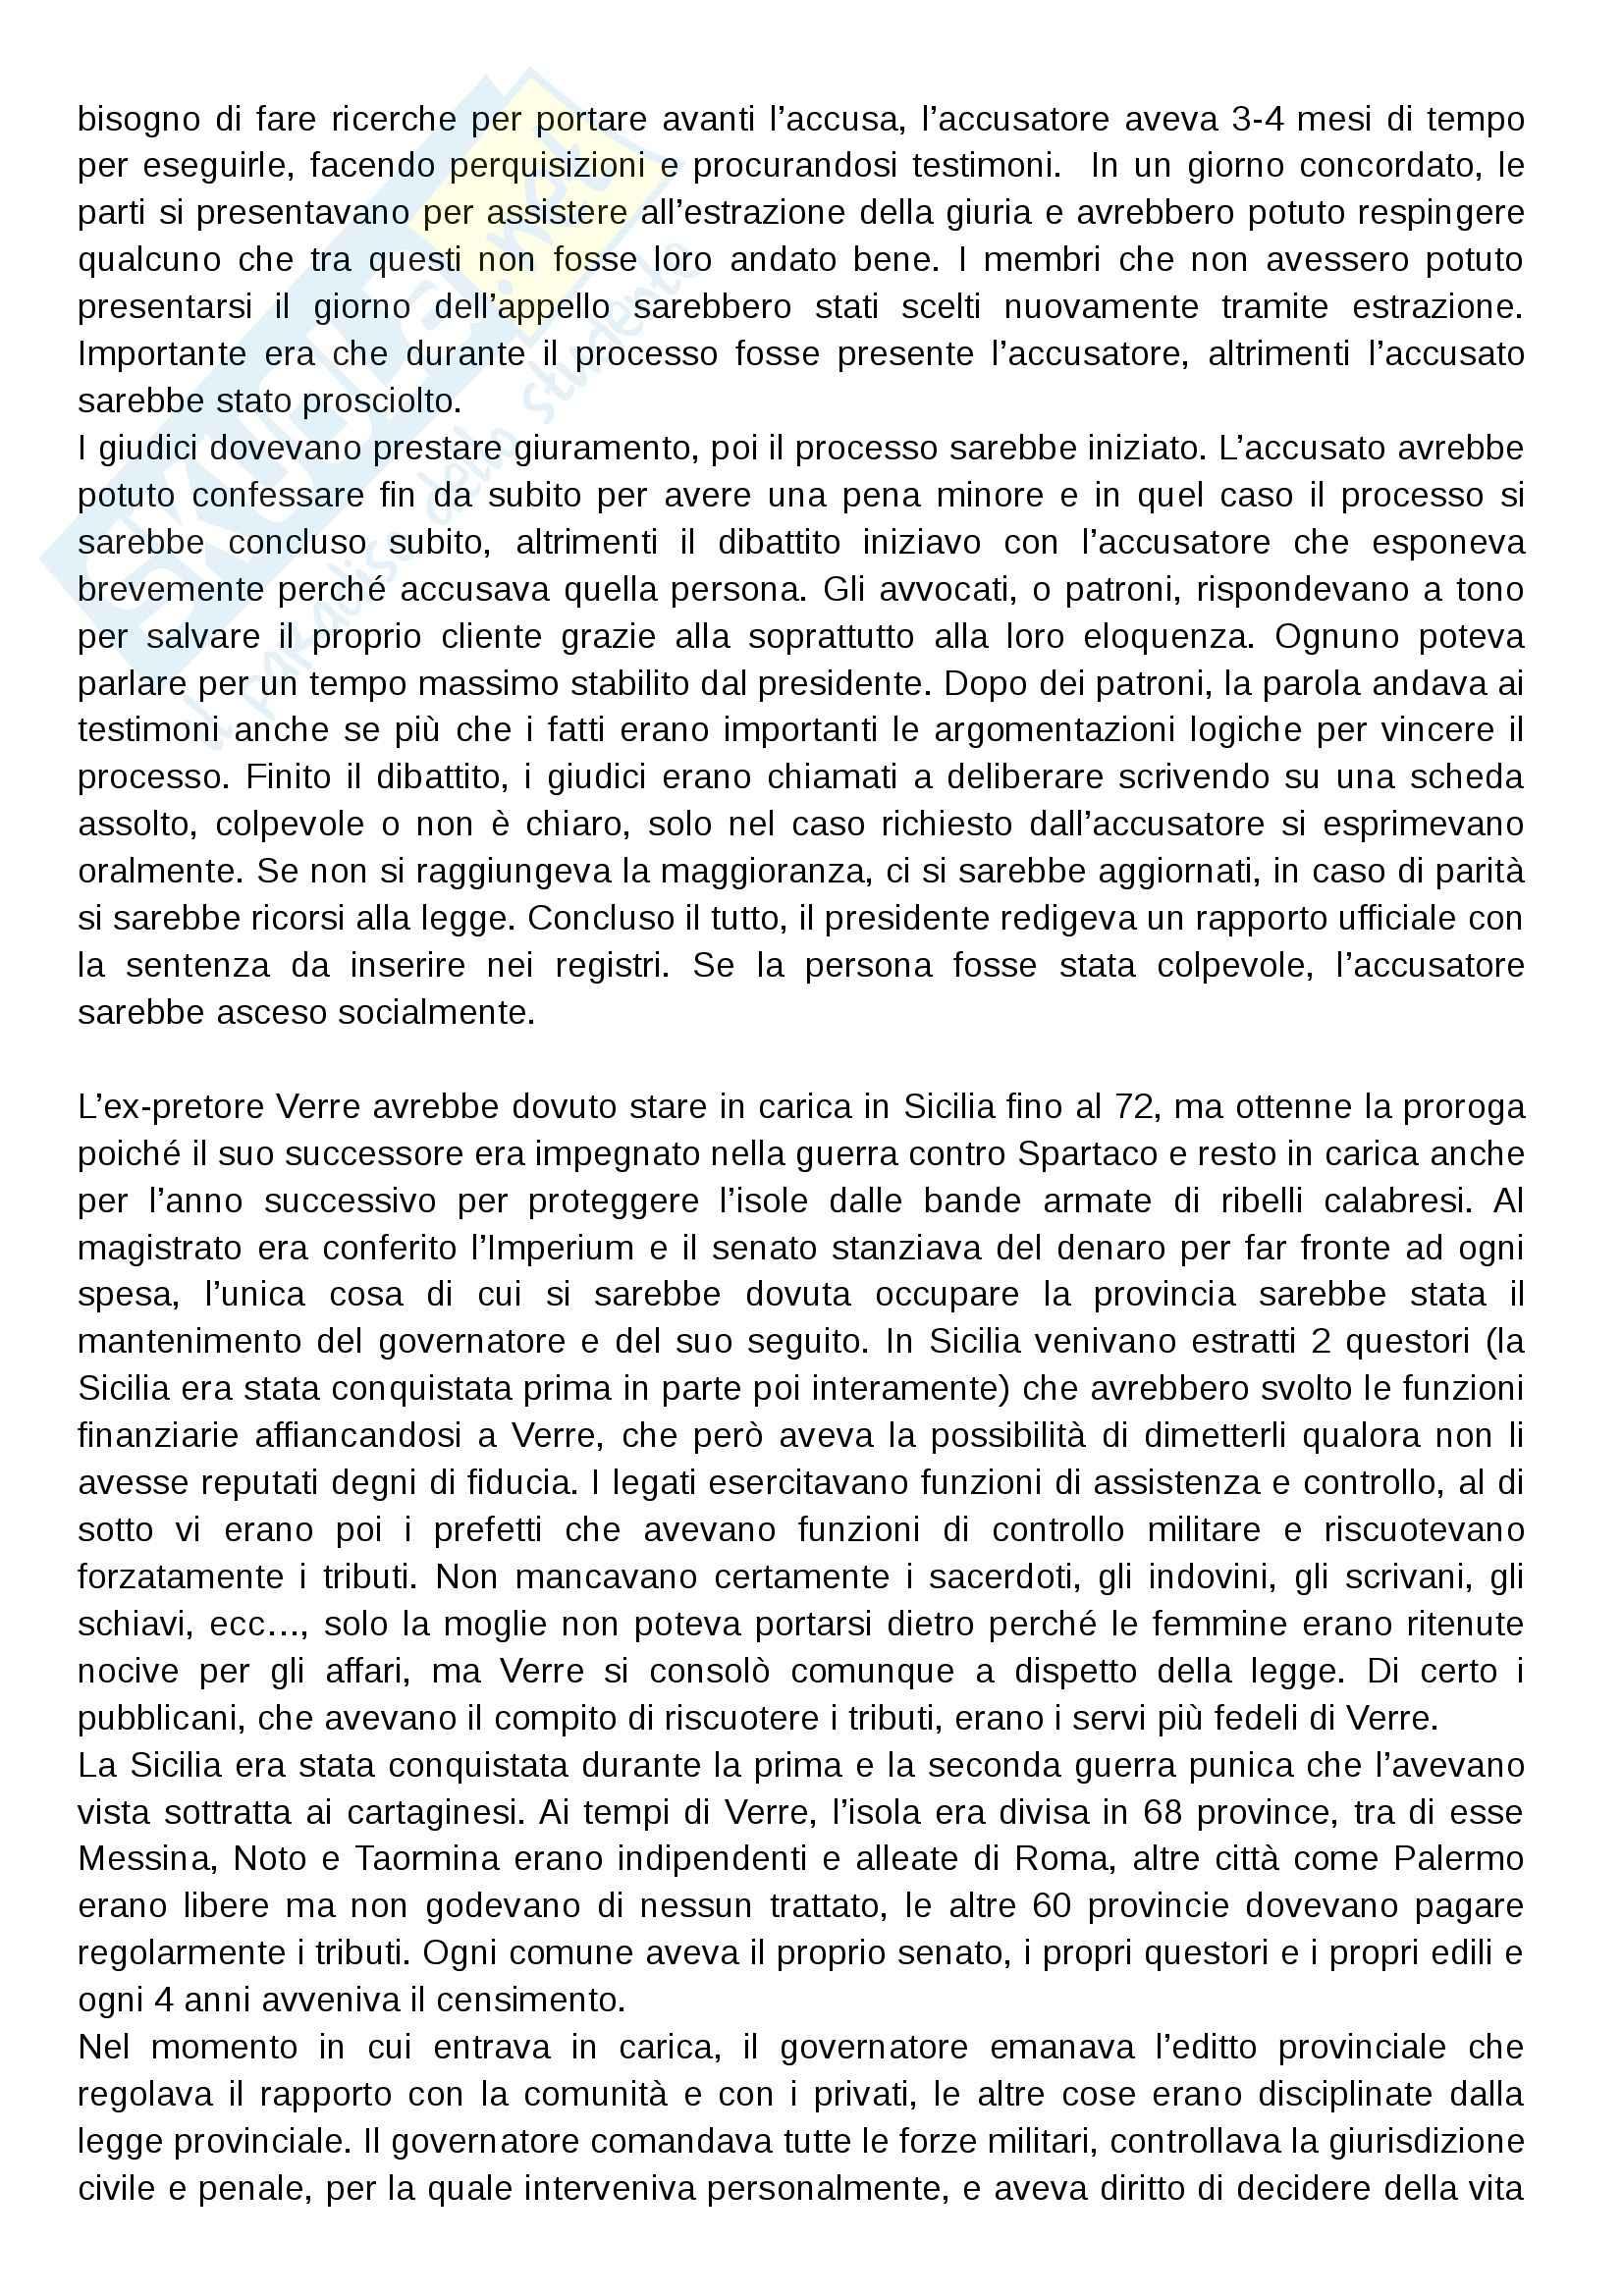 Processo di Verre, Storia romana Pag. 2